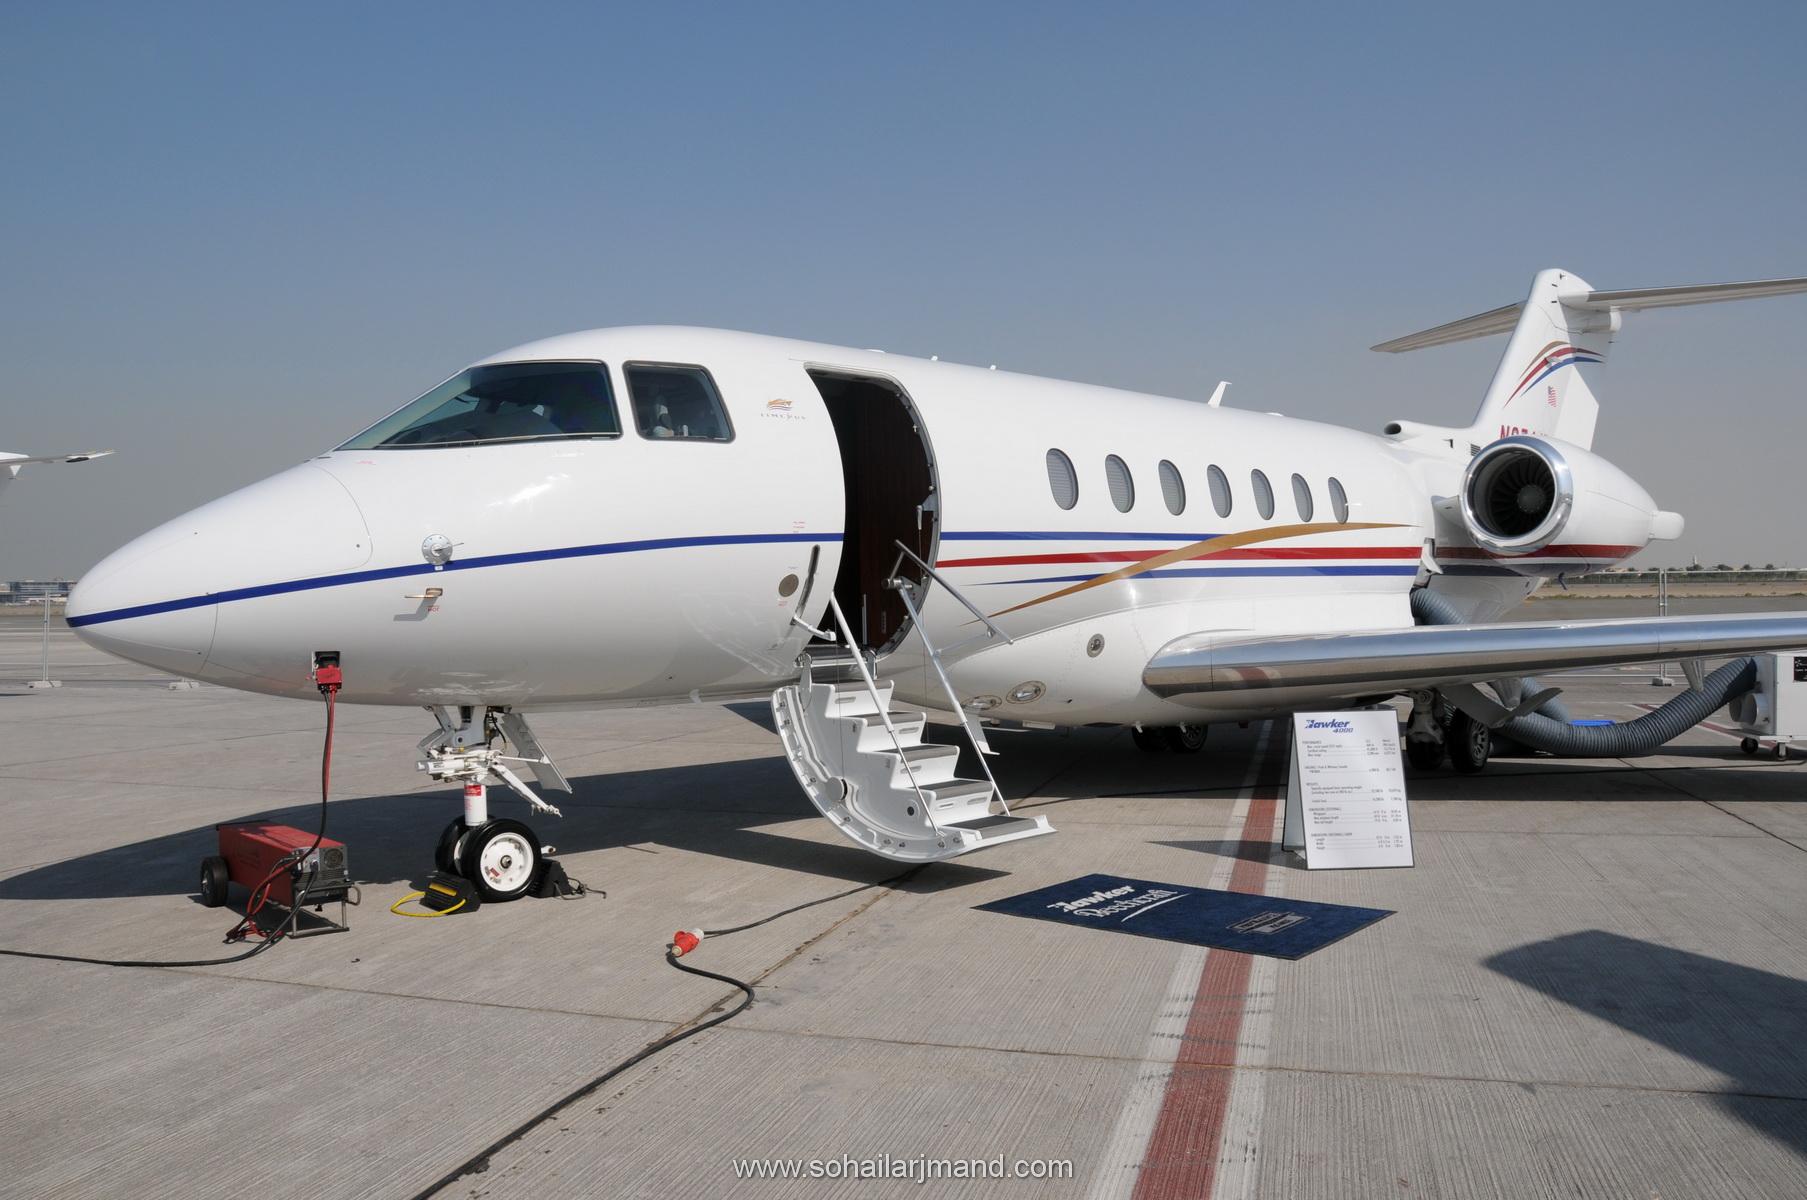 عکاسی از هواپیما برای مطبوعات تخصصی